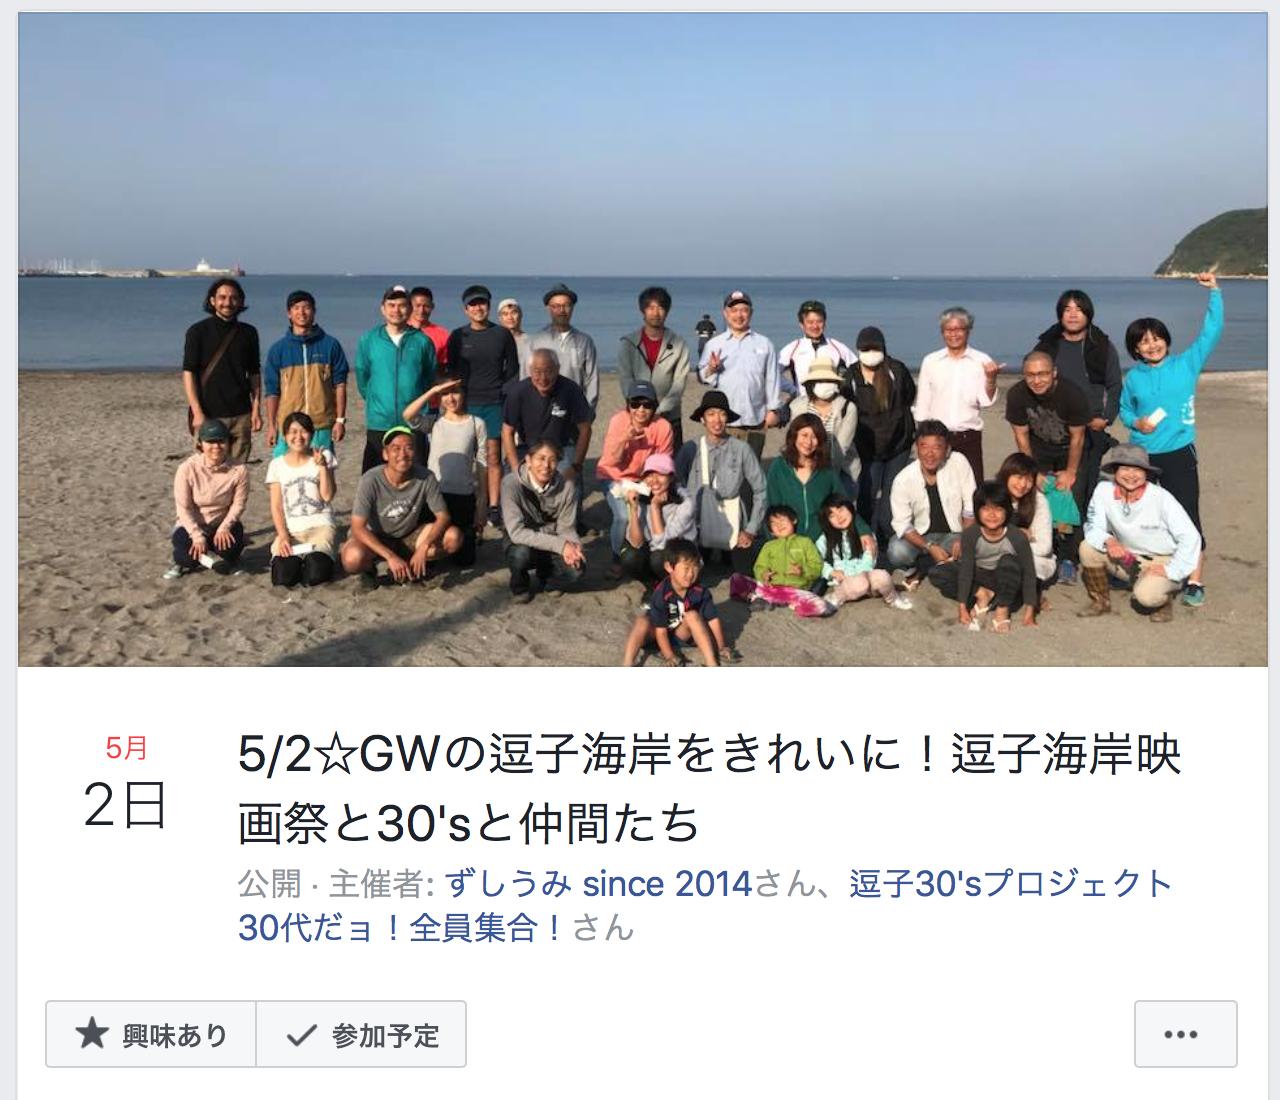 GWのモーニングは逗子海岸の清掃でキリっ!